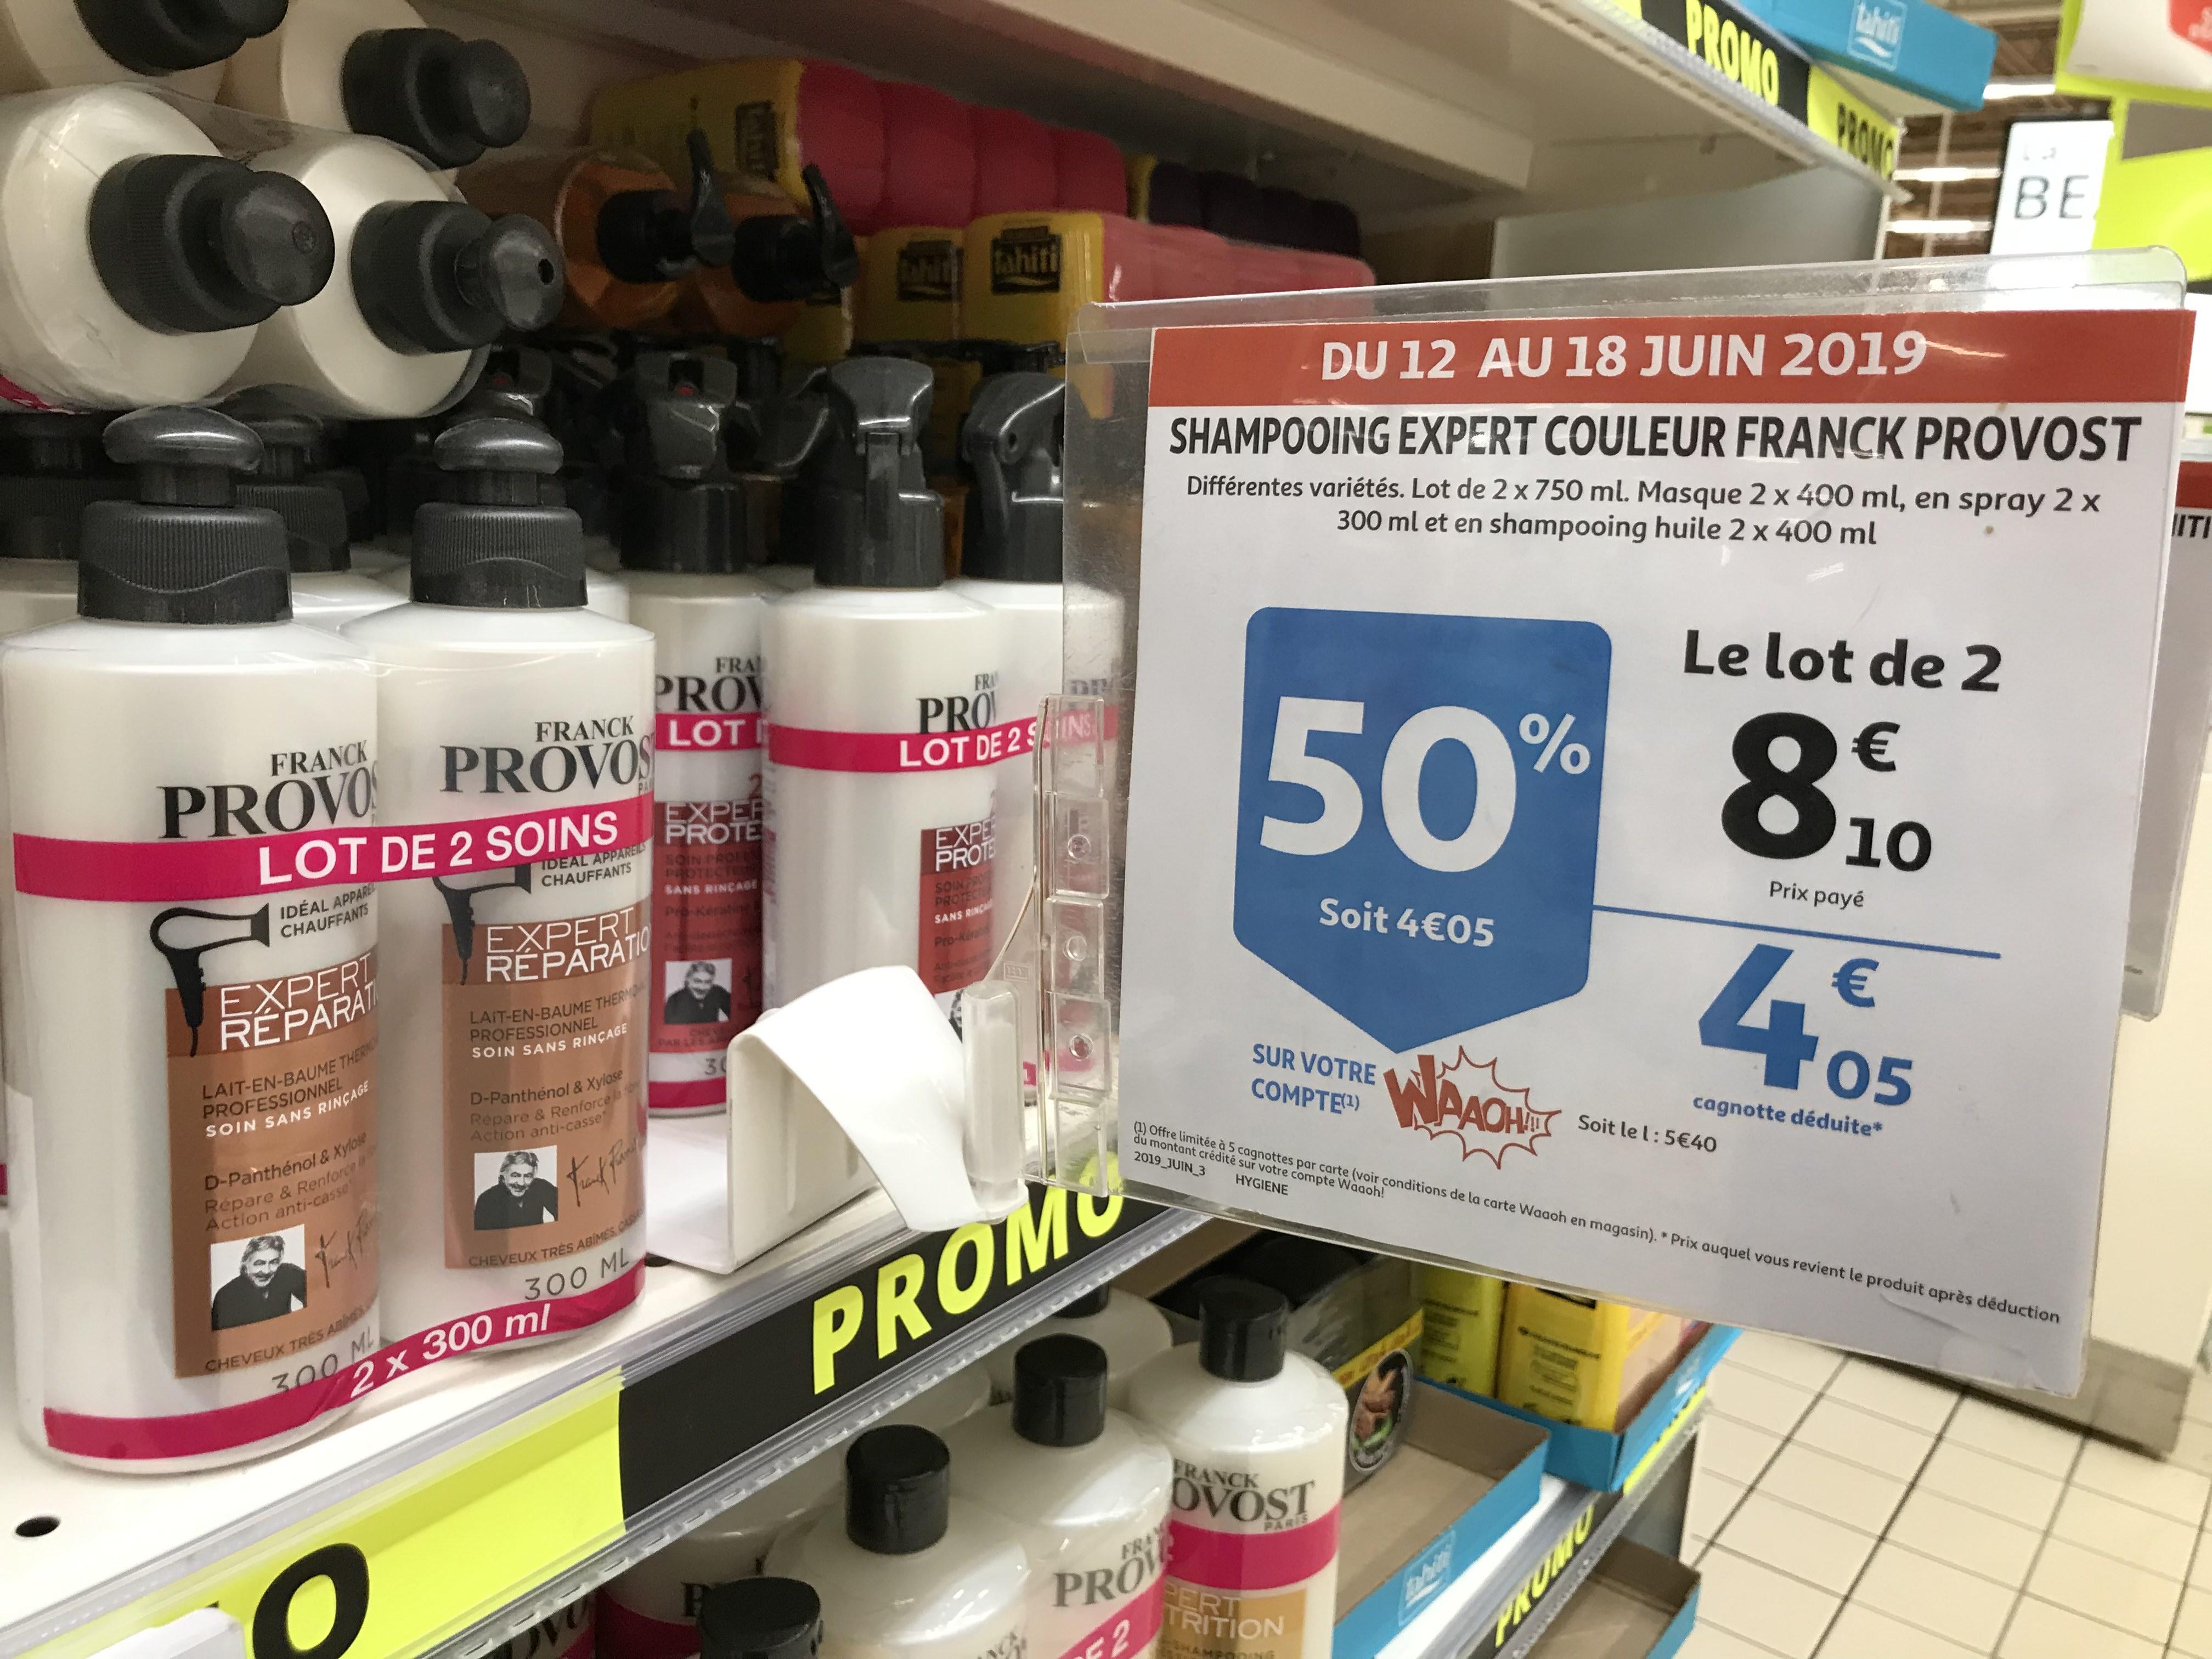 Lot de 2 Franck Provost: shampoing expert couleur, soin professionnel - Auchan Lyon (69)